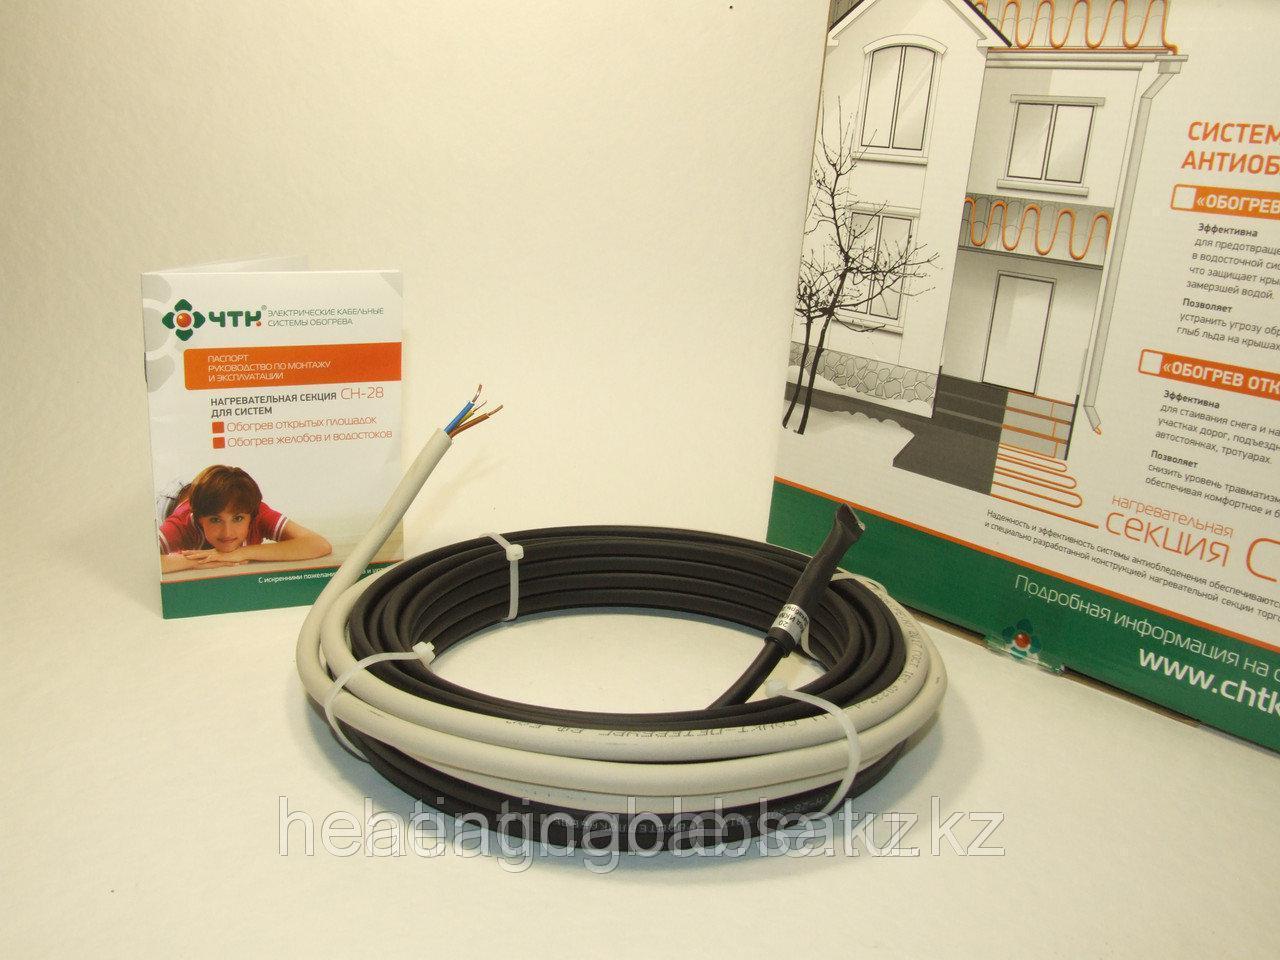 Нагревательный кабель СН-28 10,7м-300Вт